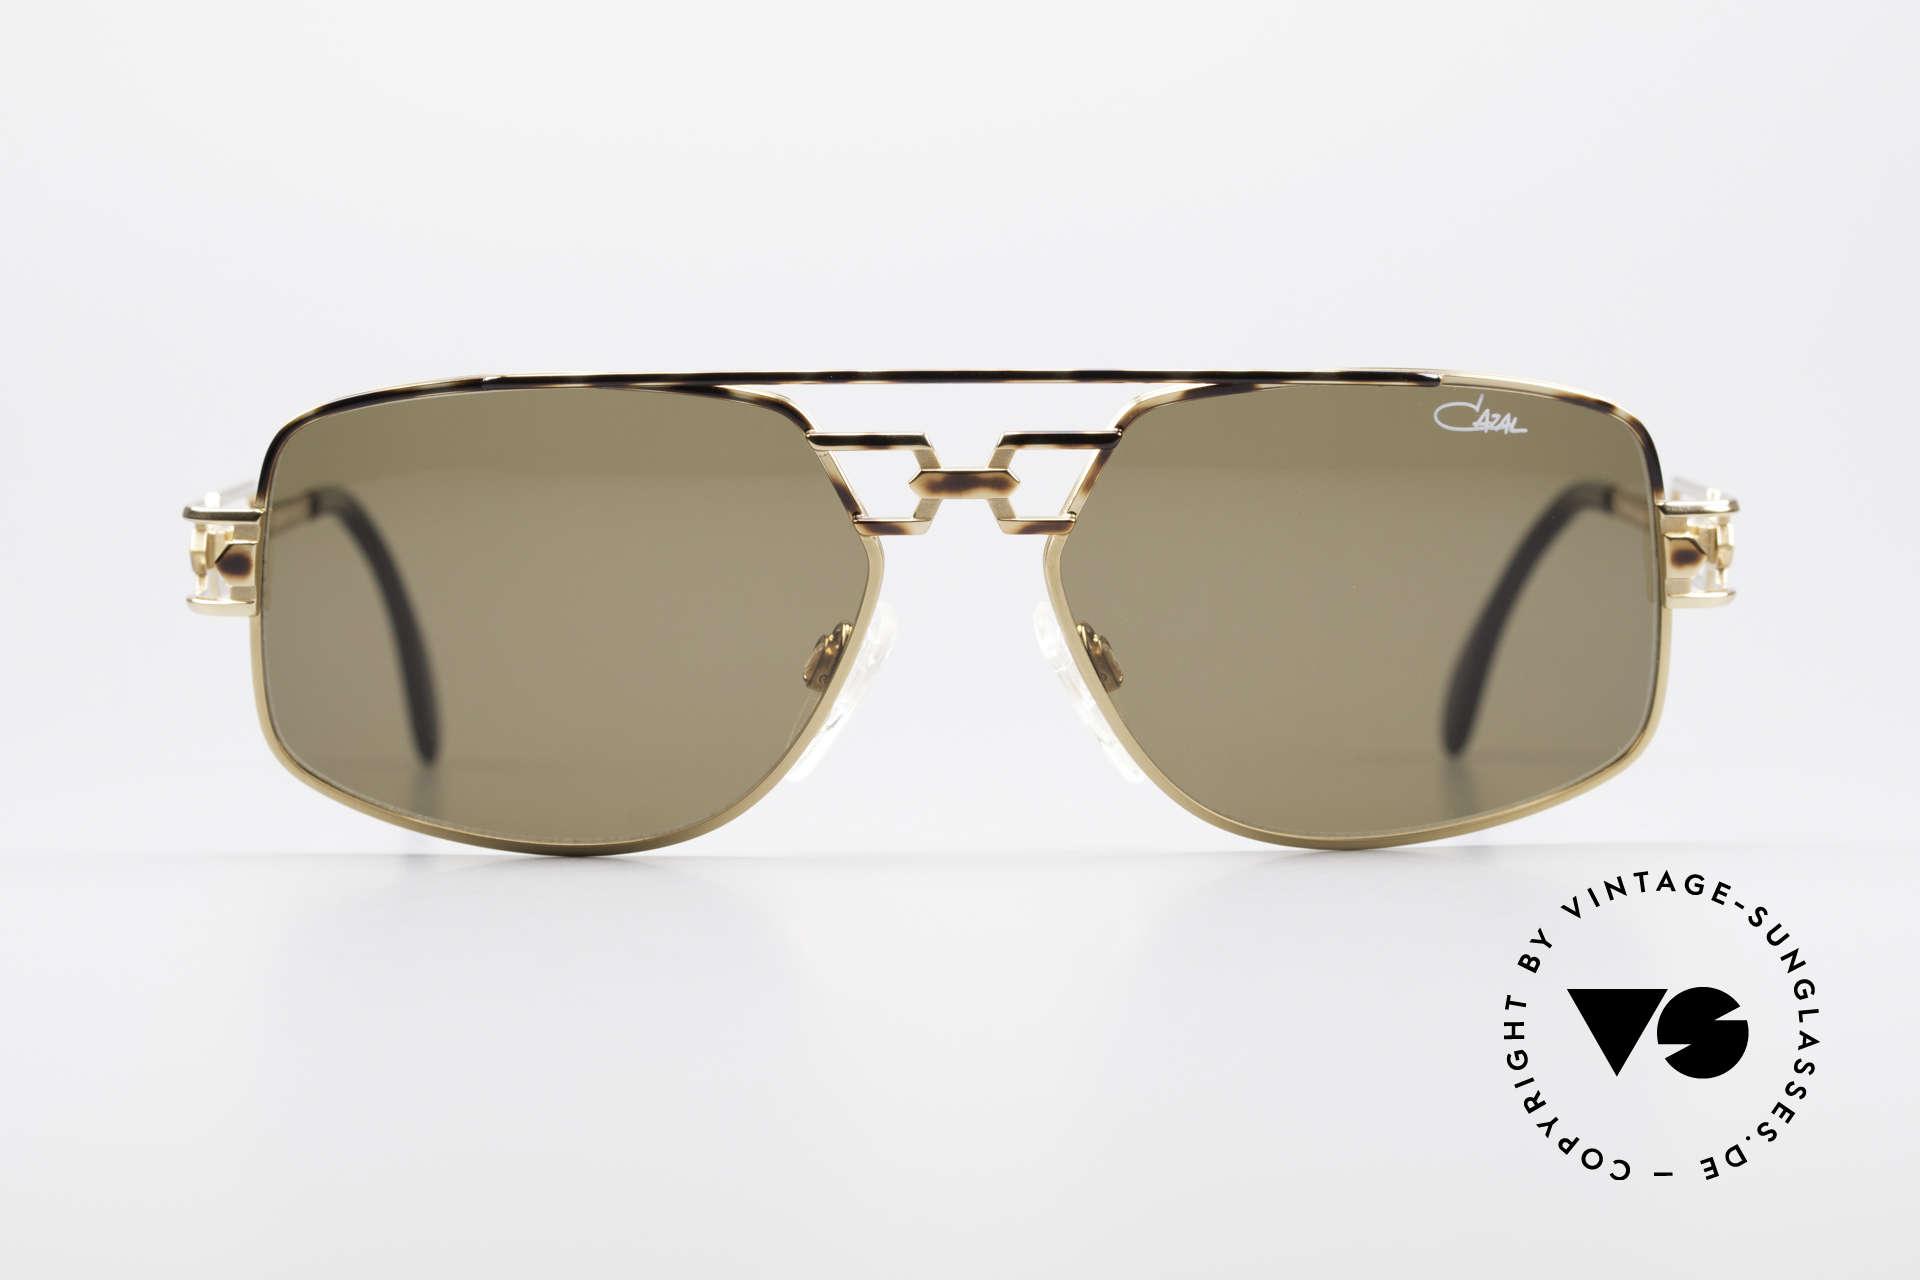 Cazal 972 Designer Sonnenbrille 90er, Top-Qualität 'made in GERMANY' (in Passau gefertigt), Passend für Herren und Damen